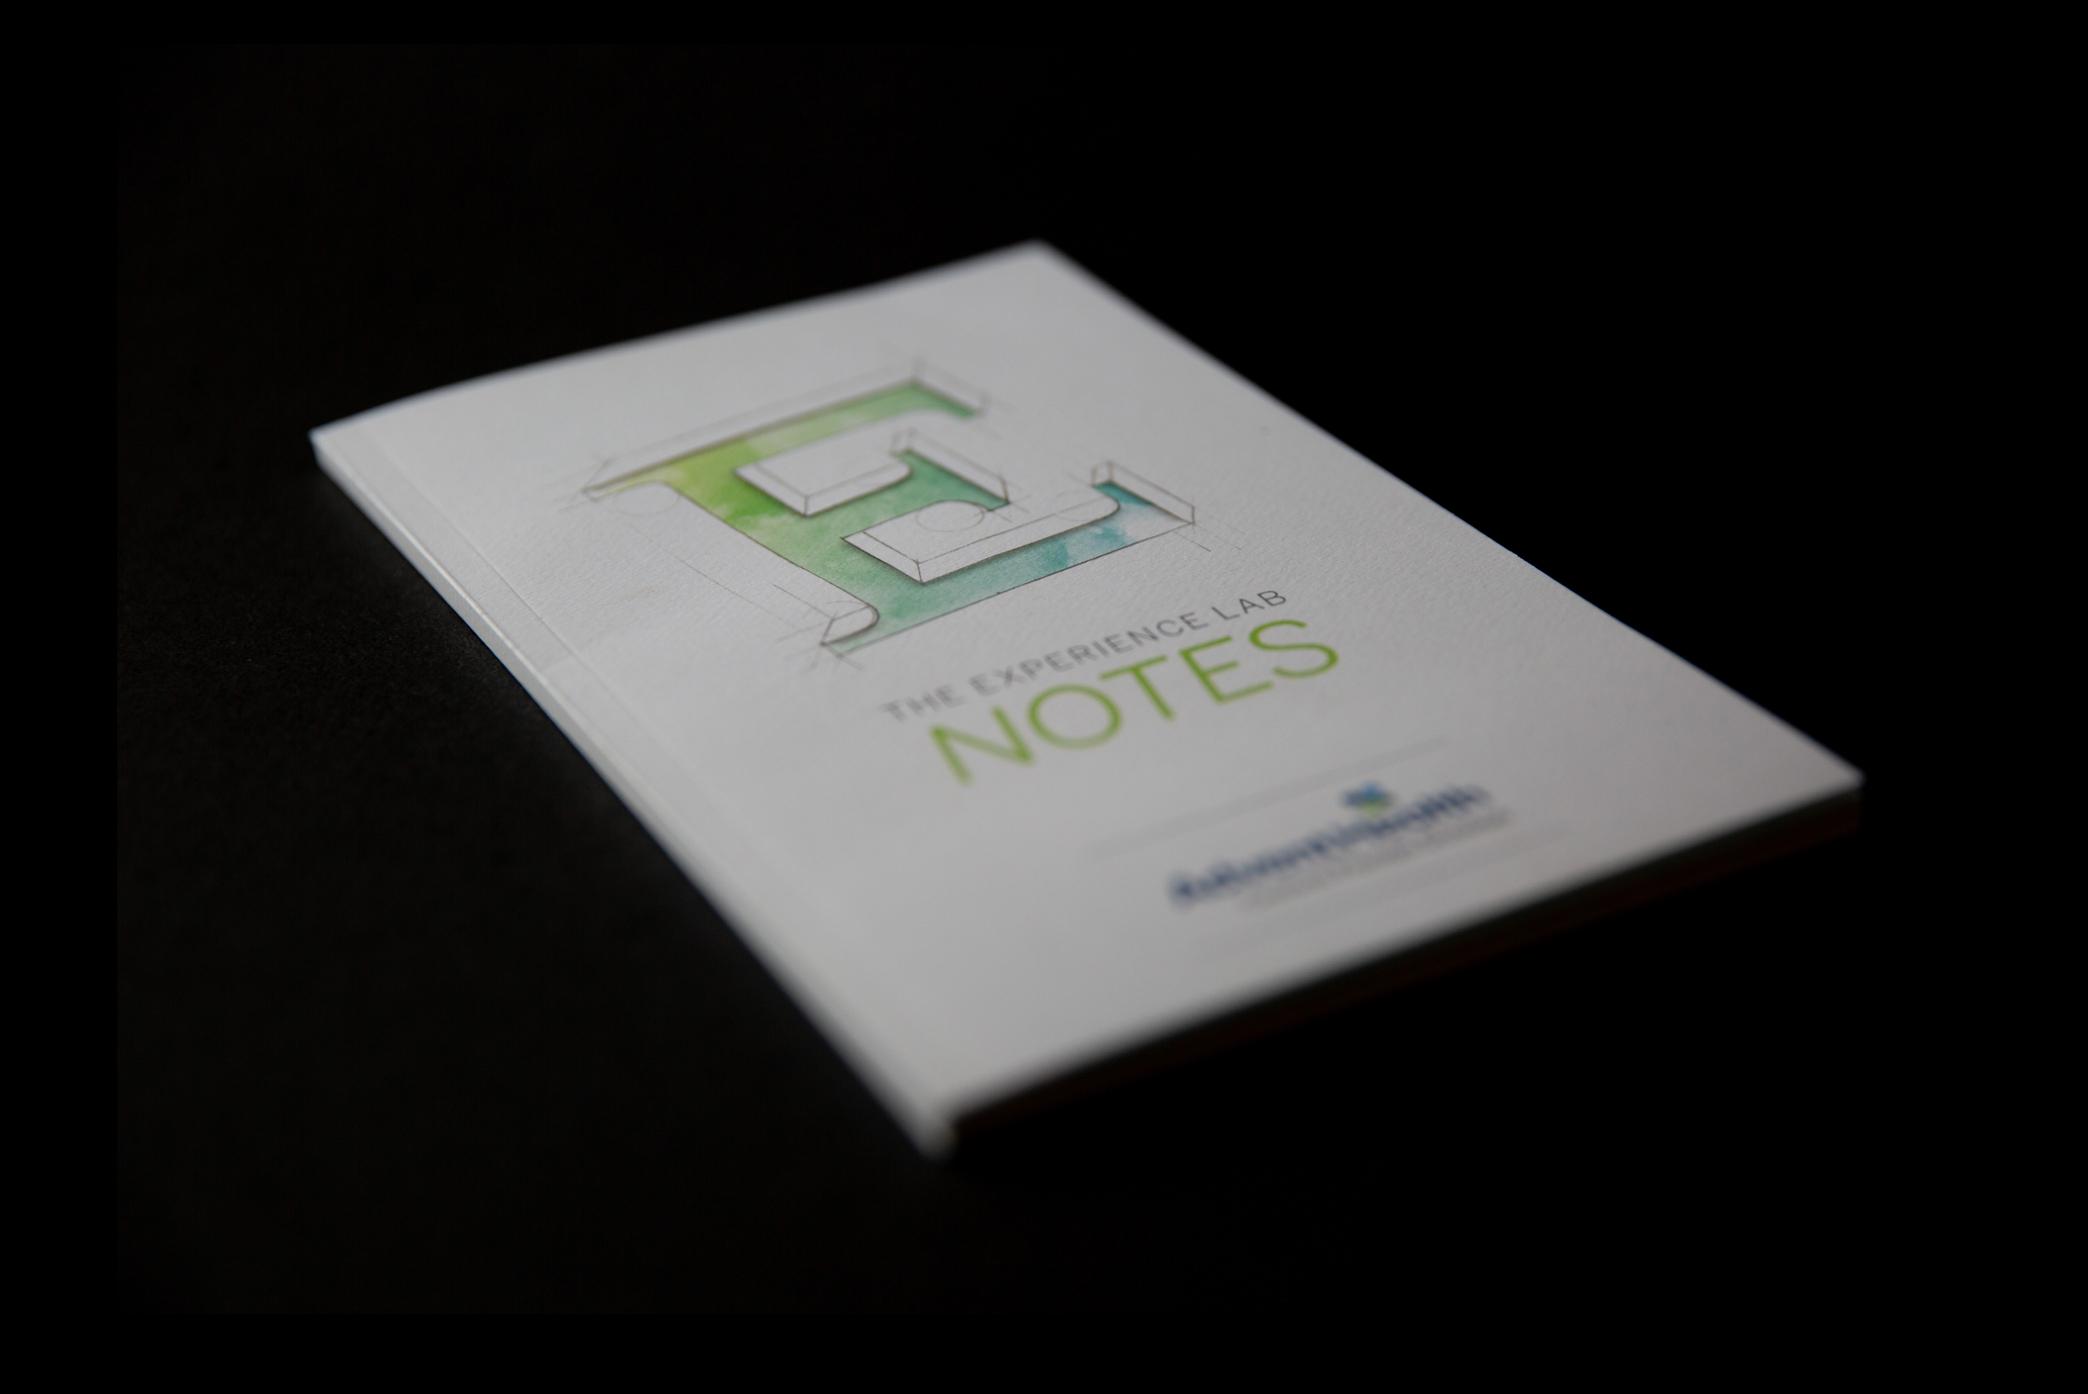 E-notes